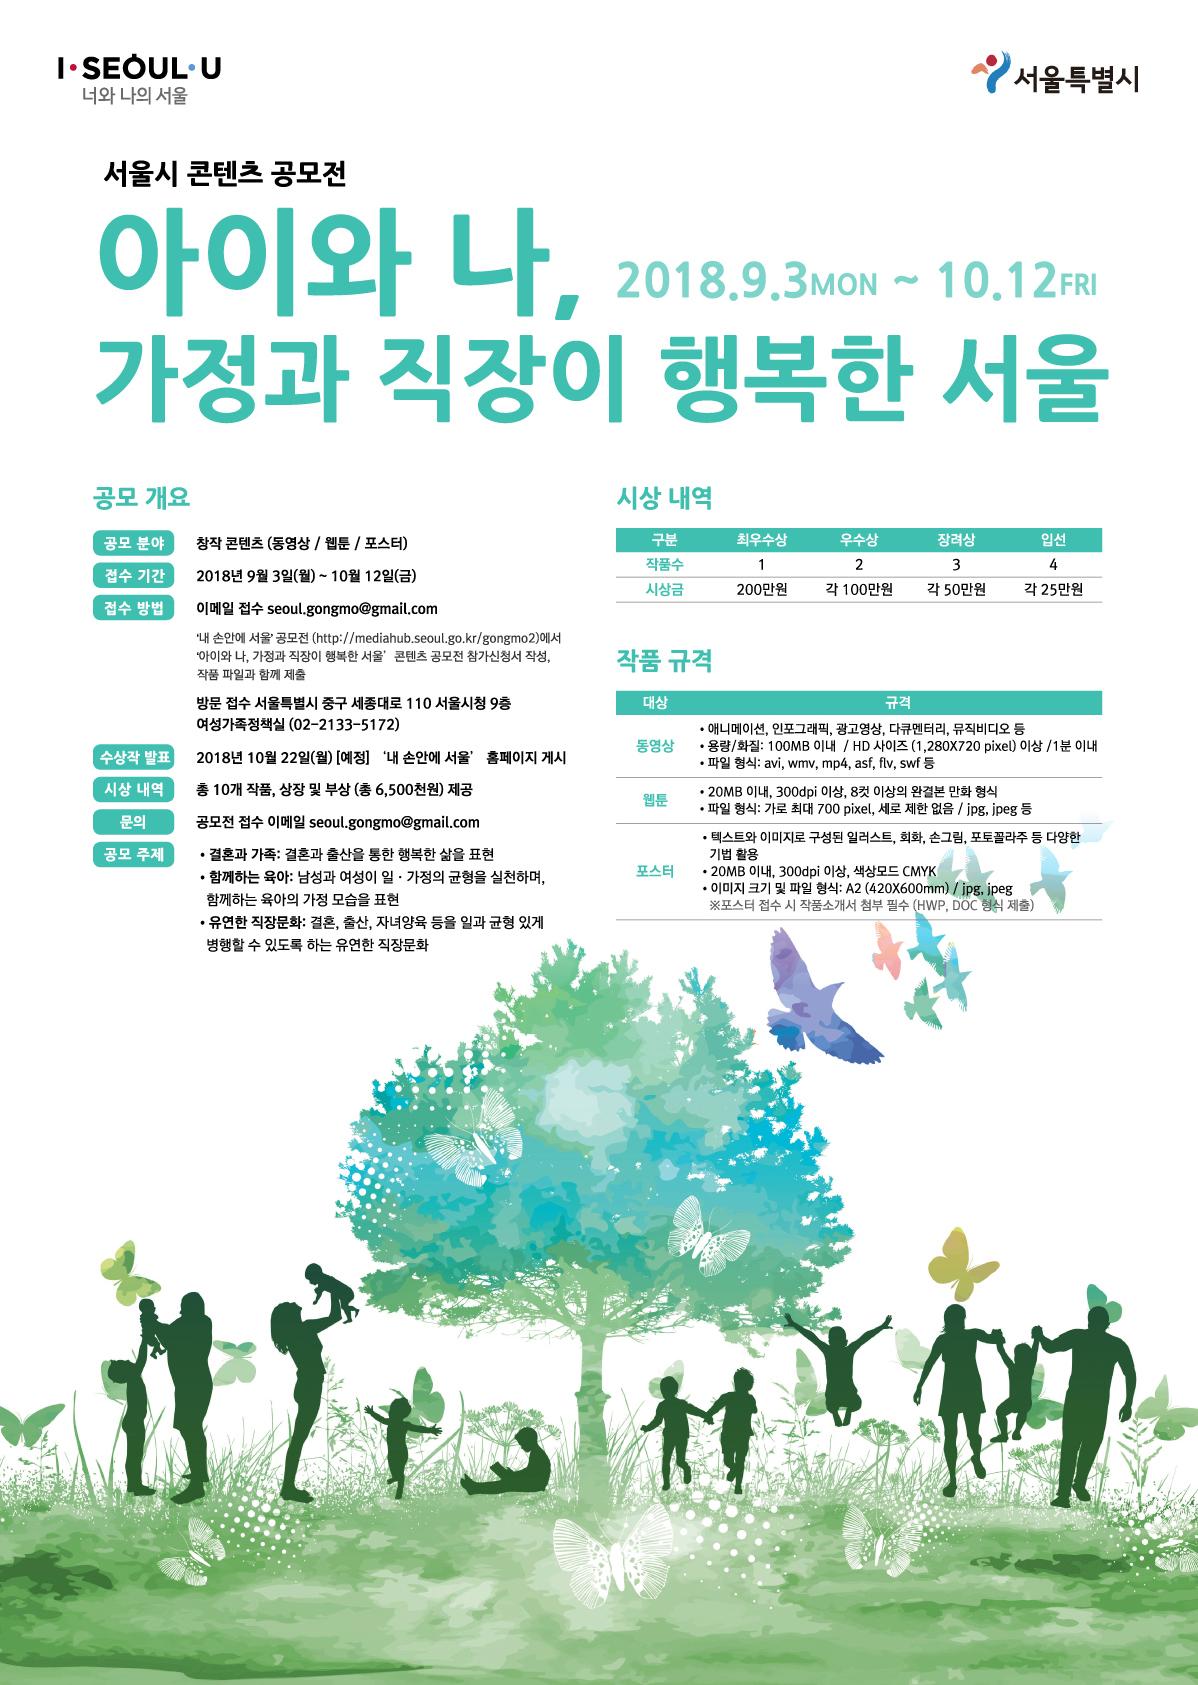 '아이와 나, 가정과 직장이 행복한 서울' 콘텐츠 공모전